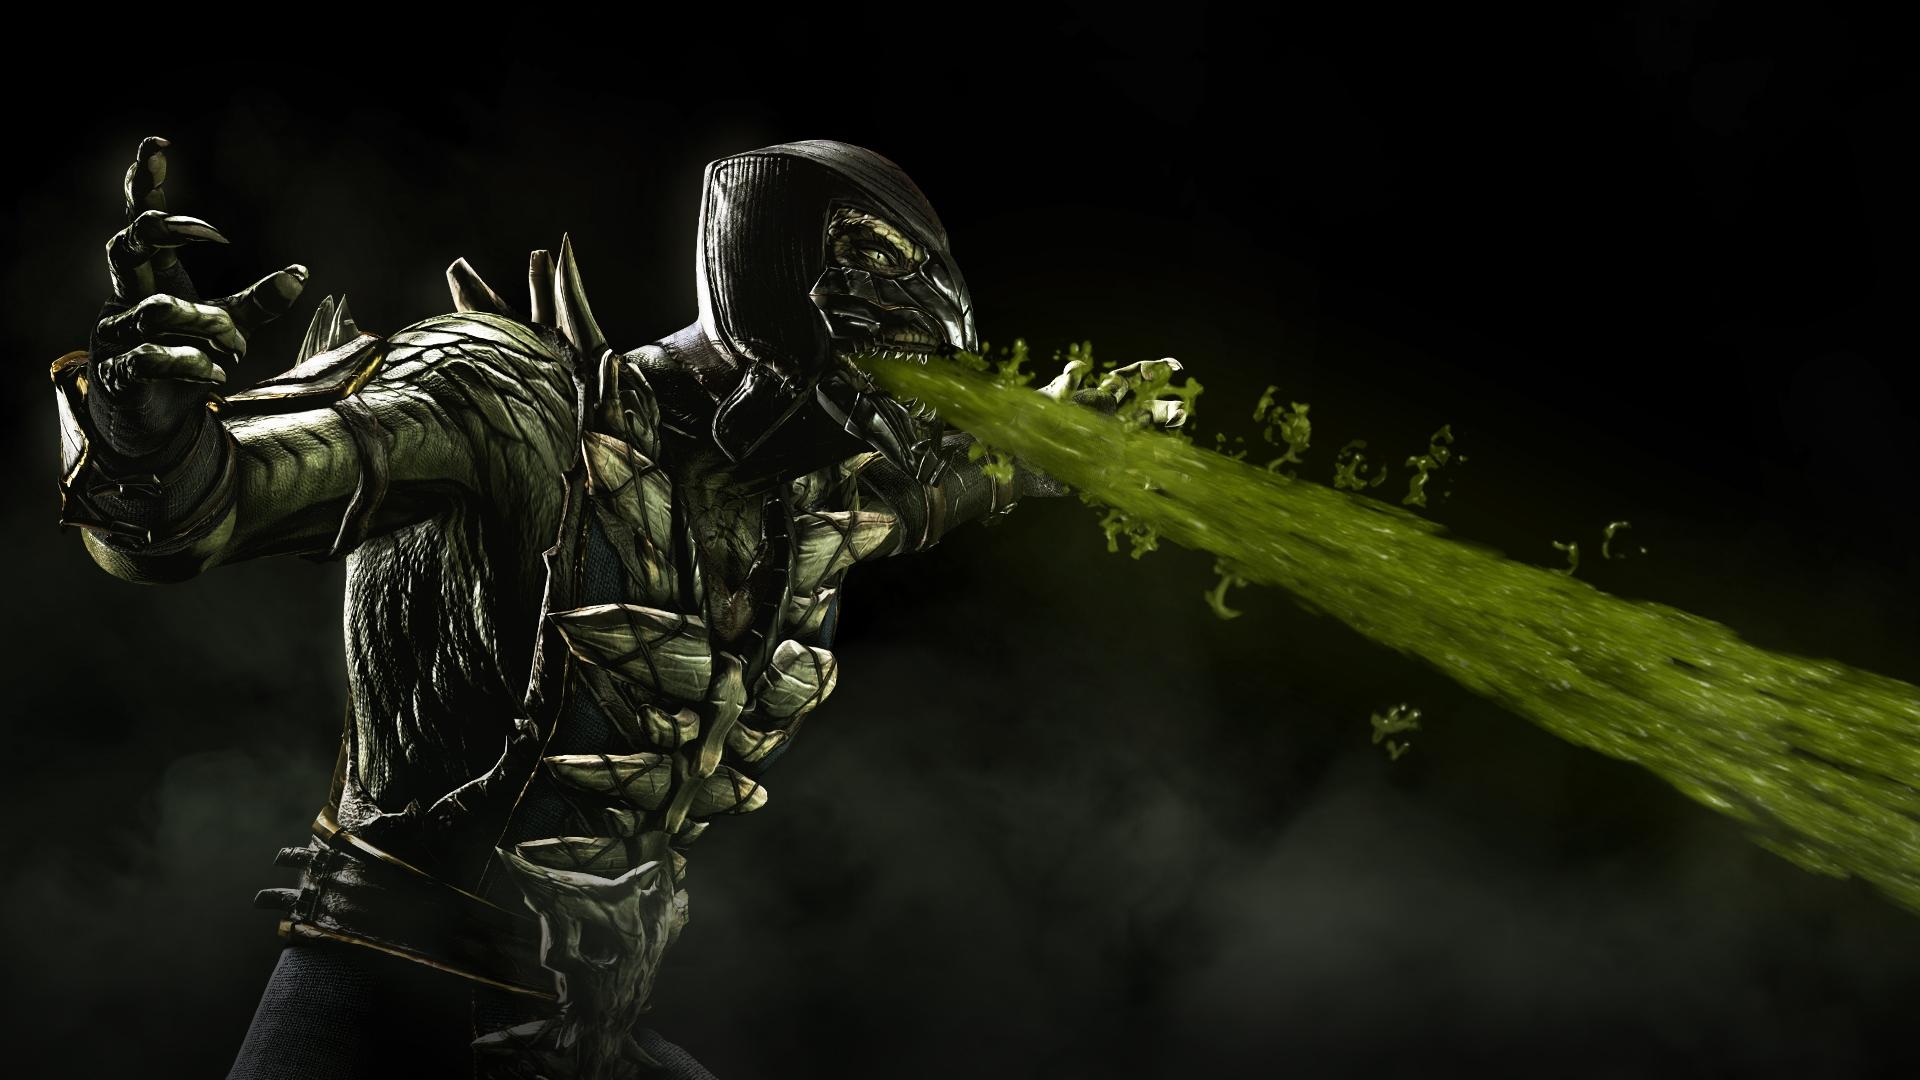 Reptile Mortal Kombat X Hd Wallpaper